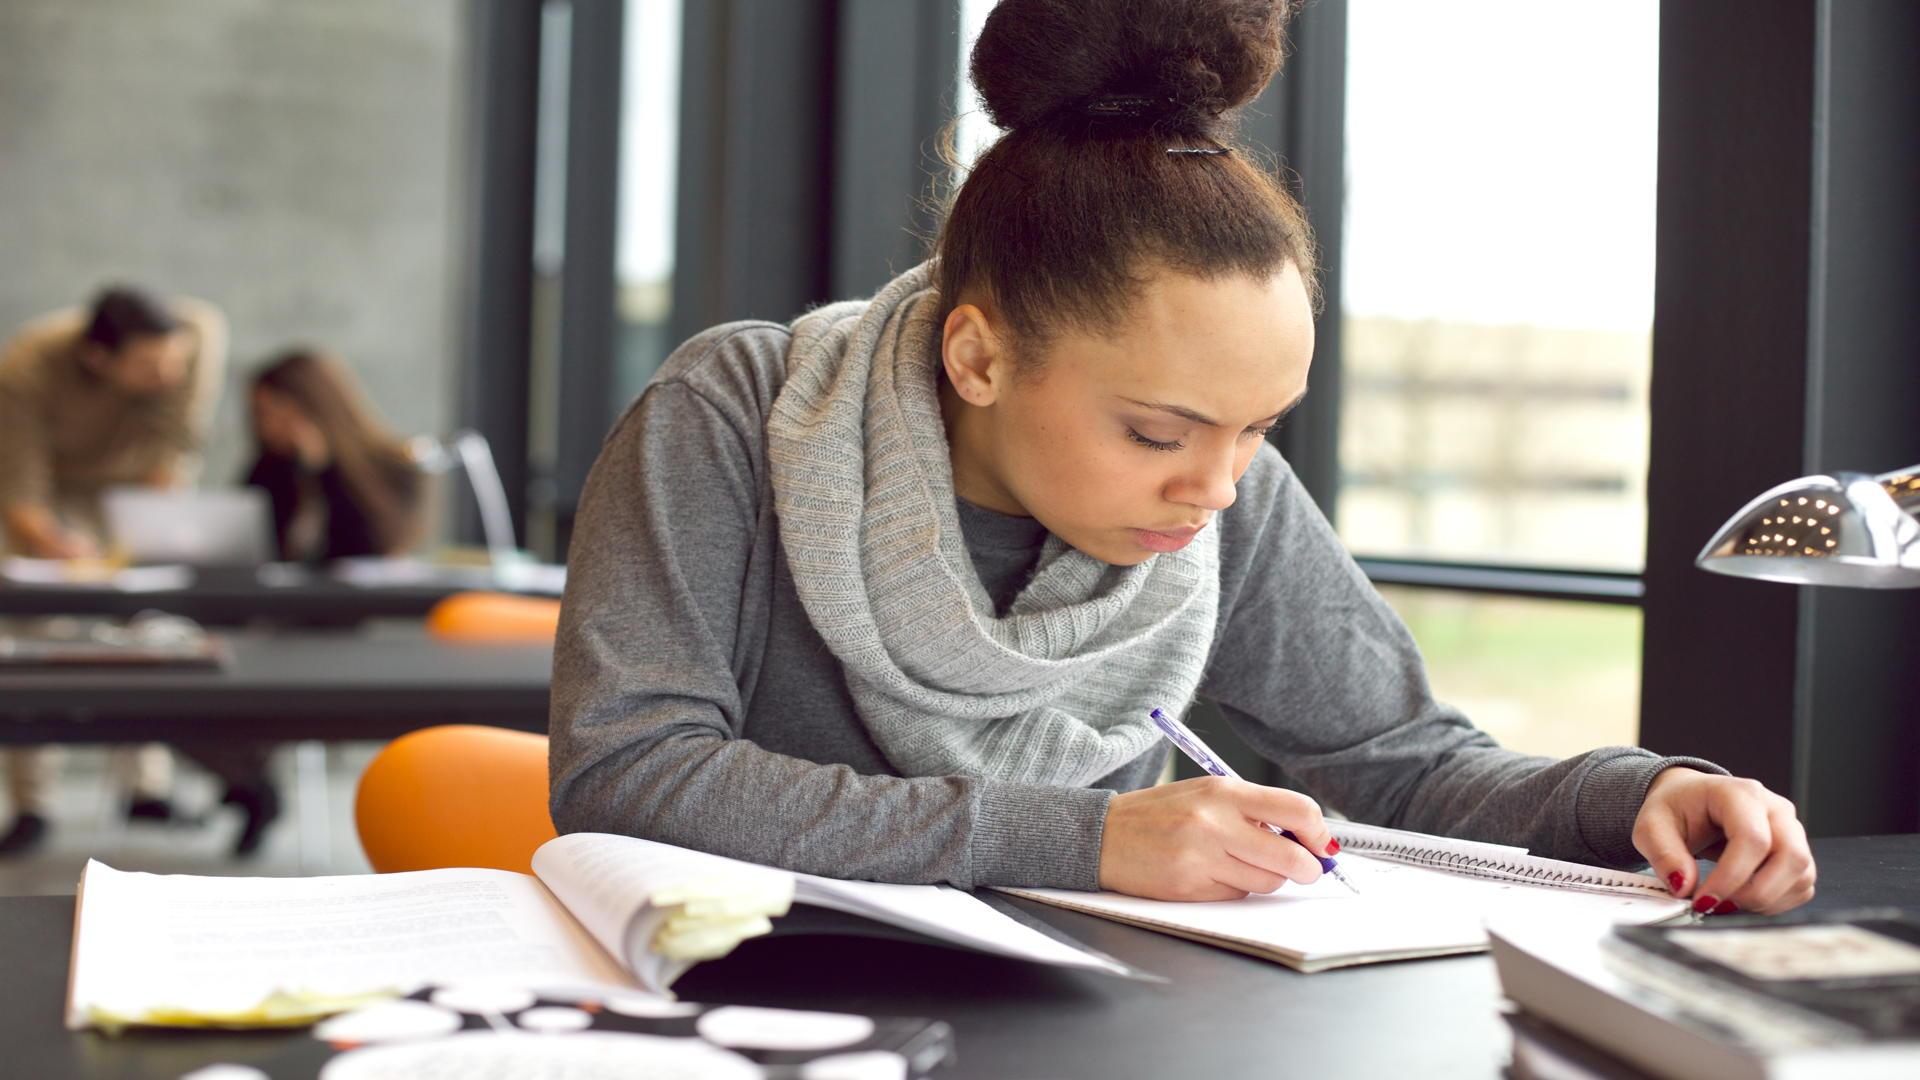 המוטיבציות העיקריות להשקעה בעבודת המחקר שלכם